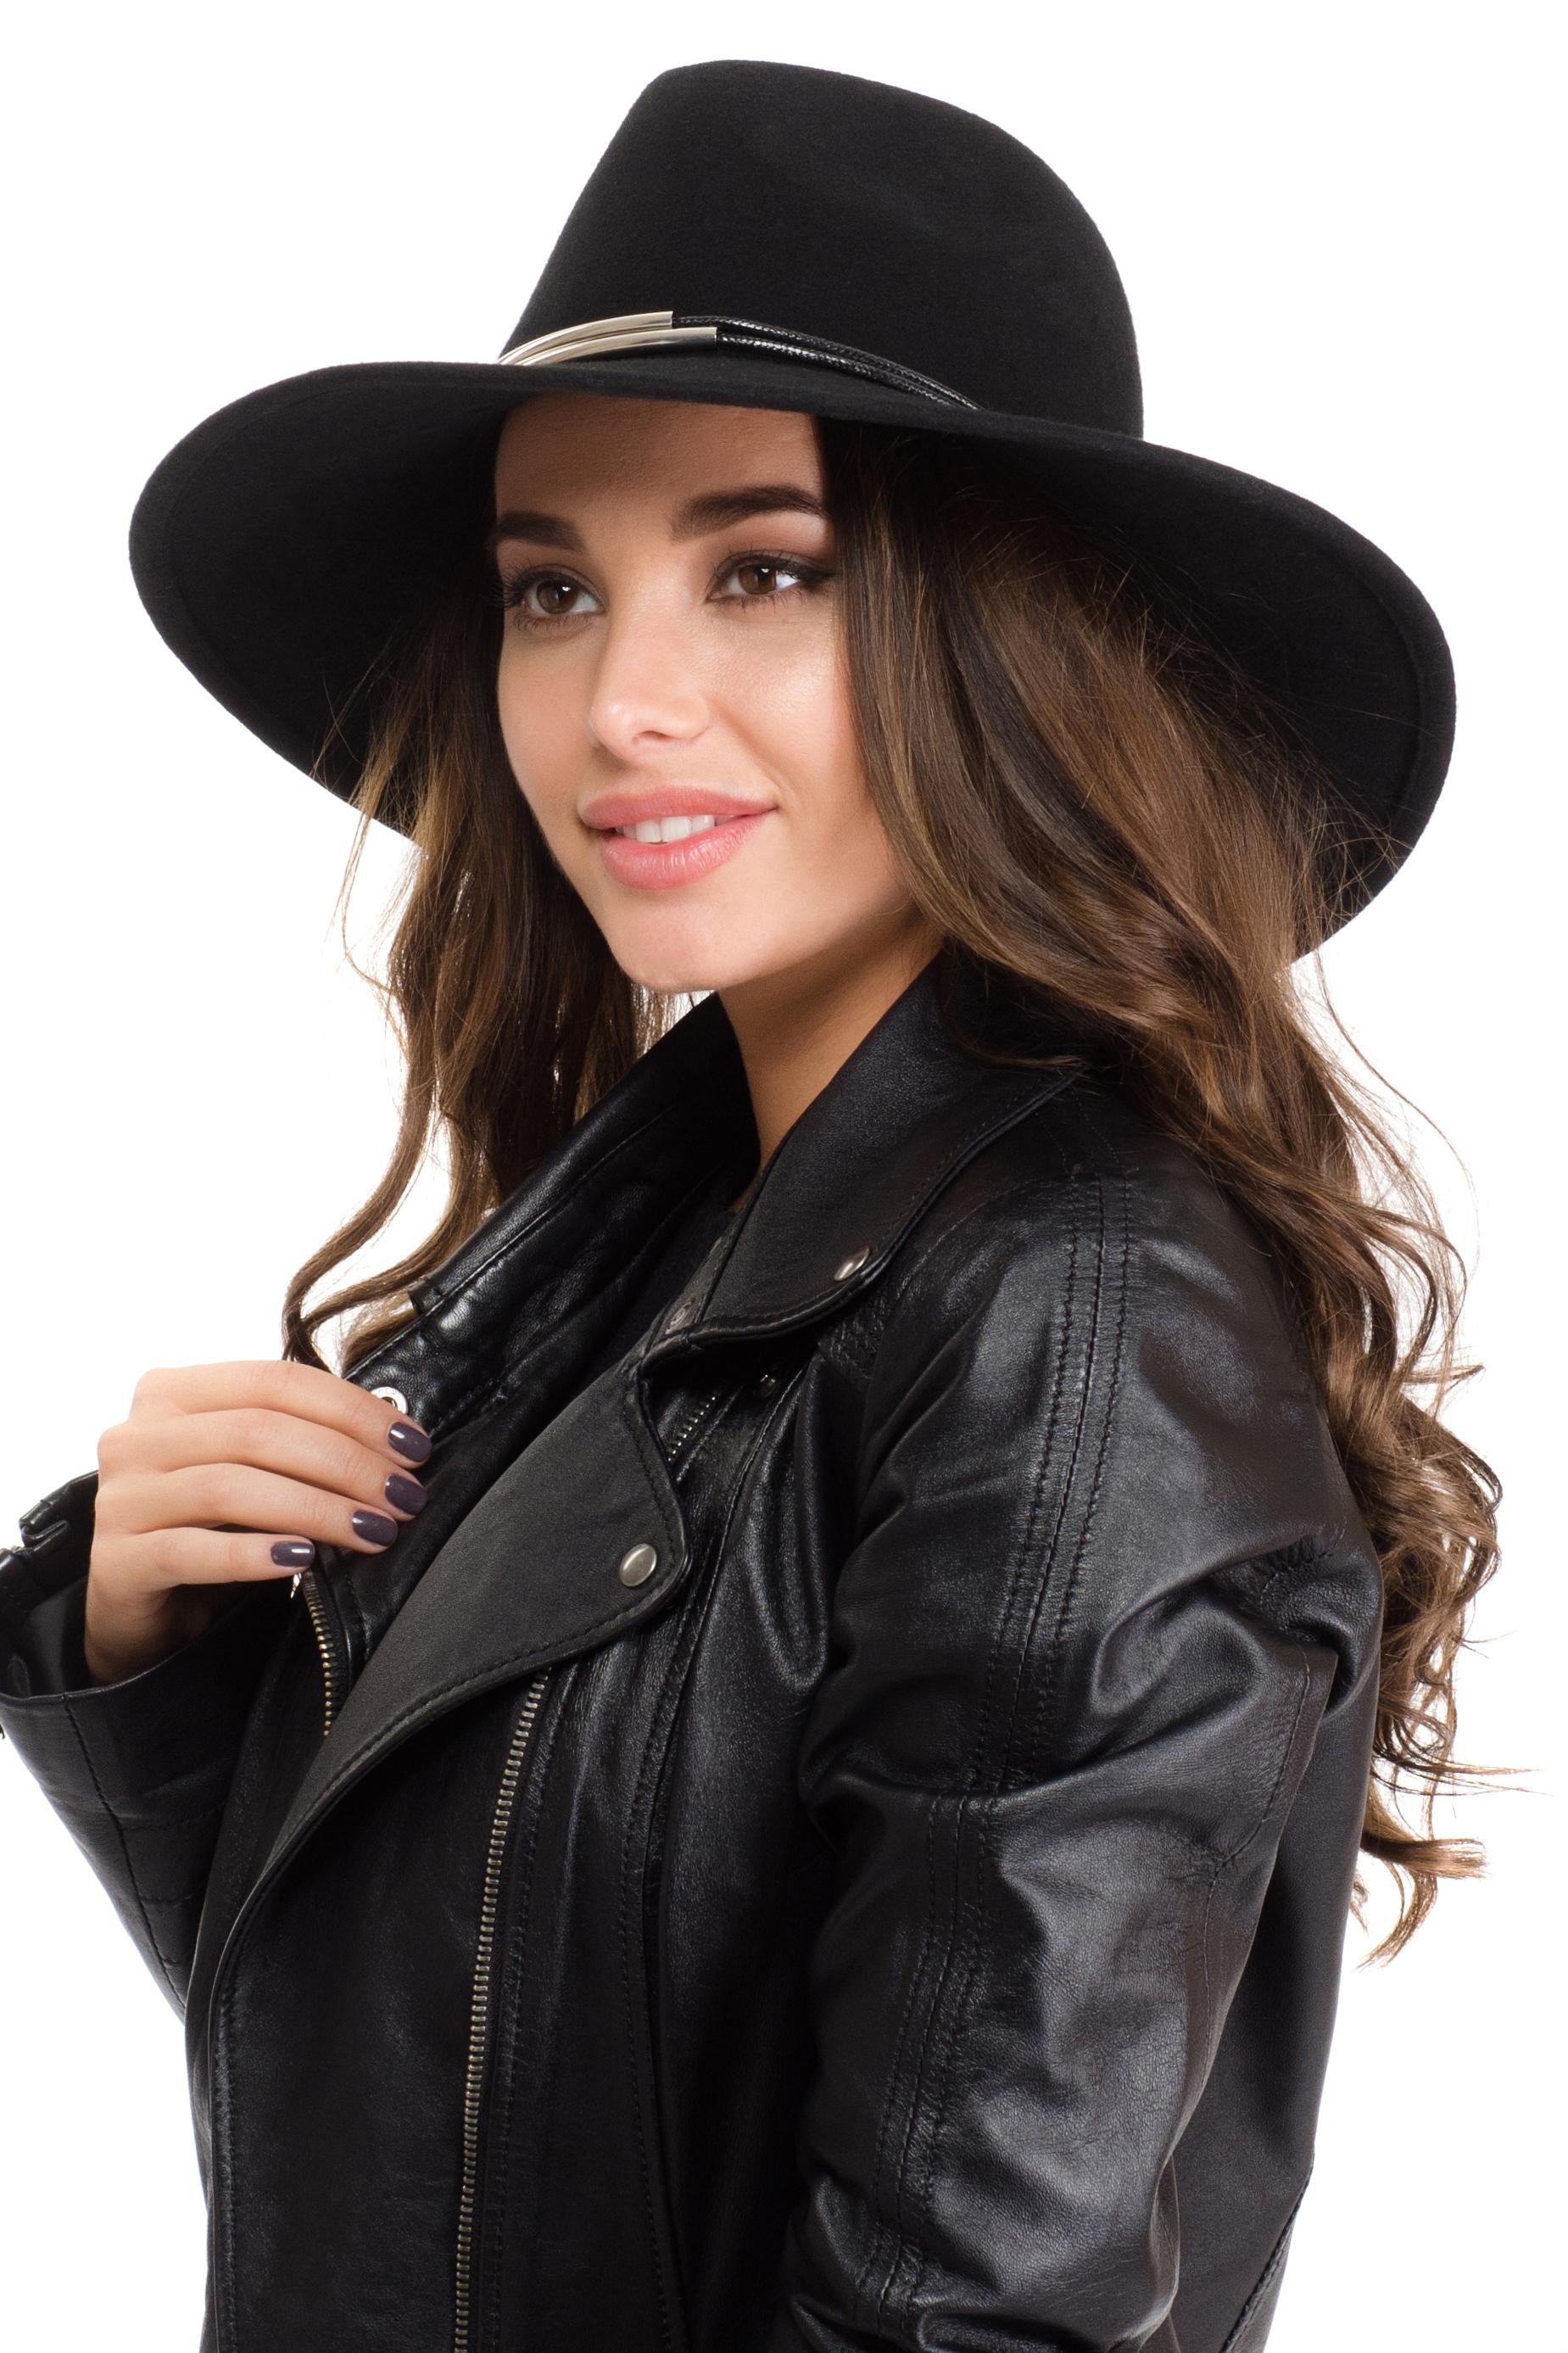 Шляпа женская Moltini, цвет: черный. 141B-1601. Размер 57/58141B-1601Элегантная женская шляпа Moltini, выполненная из высококачественного фетра, дополнит любой образ. Модель широкими полями и высокой тульей. Шляпа-клош по тулье декорирована двумя тонкими веревочками с металлическими трубками. Внутри модель дополнена плотной тесьмой для комфортной посадки изделия по голове. Аккуратные поля шляпы придадут вашему образу таинственности и шарма. Такая шляпа подчеркнет вашу неповторимость и прекрасный вкус.